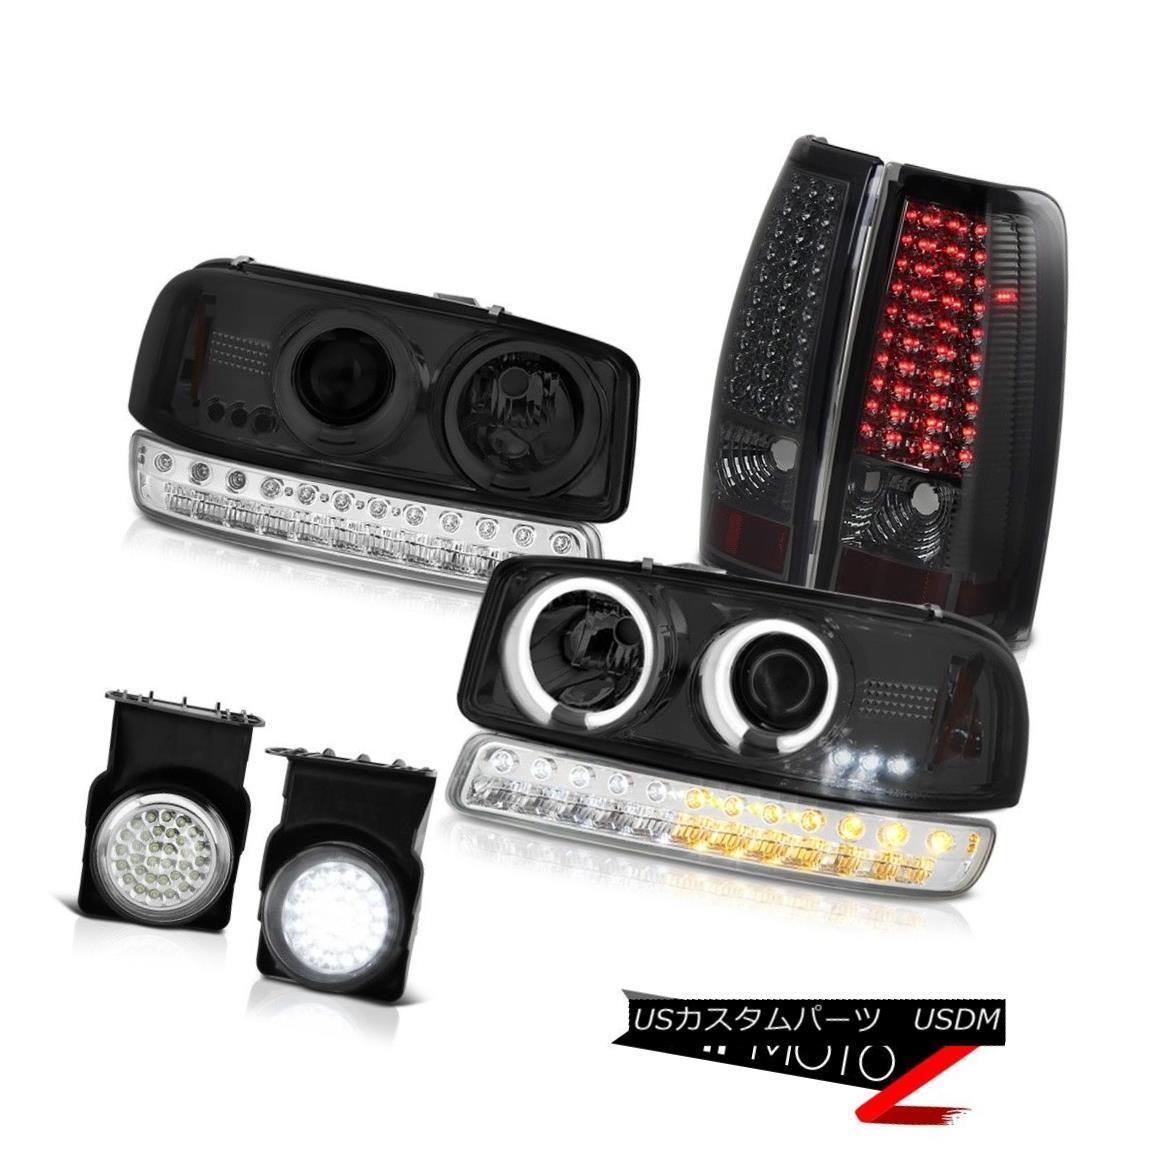 テールライト 03-06 Sierra SL Fog Lights Smokey LED Tail Bumper Light CCFL Projector Headlamps 03-06 Sierra SLフォグライトスモーキーLEDテールバンパーライトCCFLプロジェクターヘッドランプ